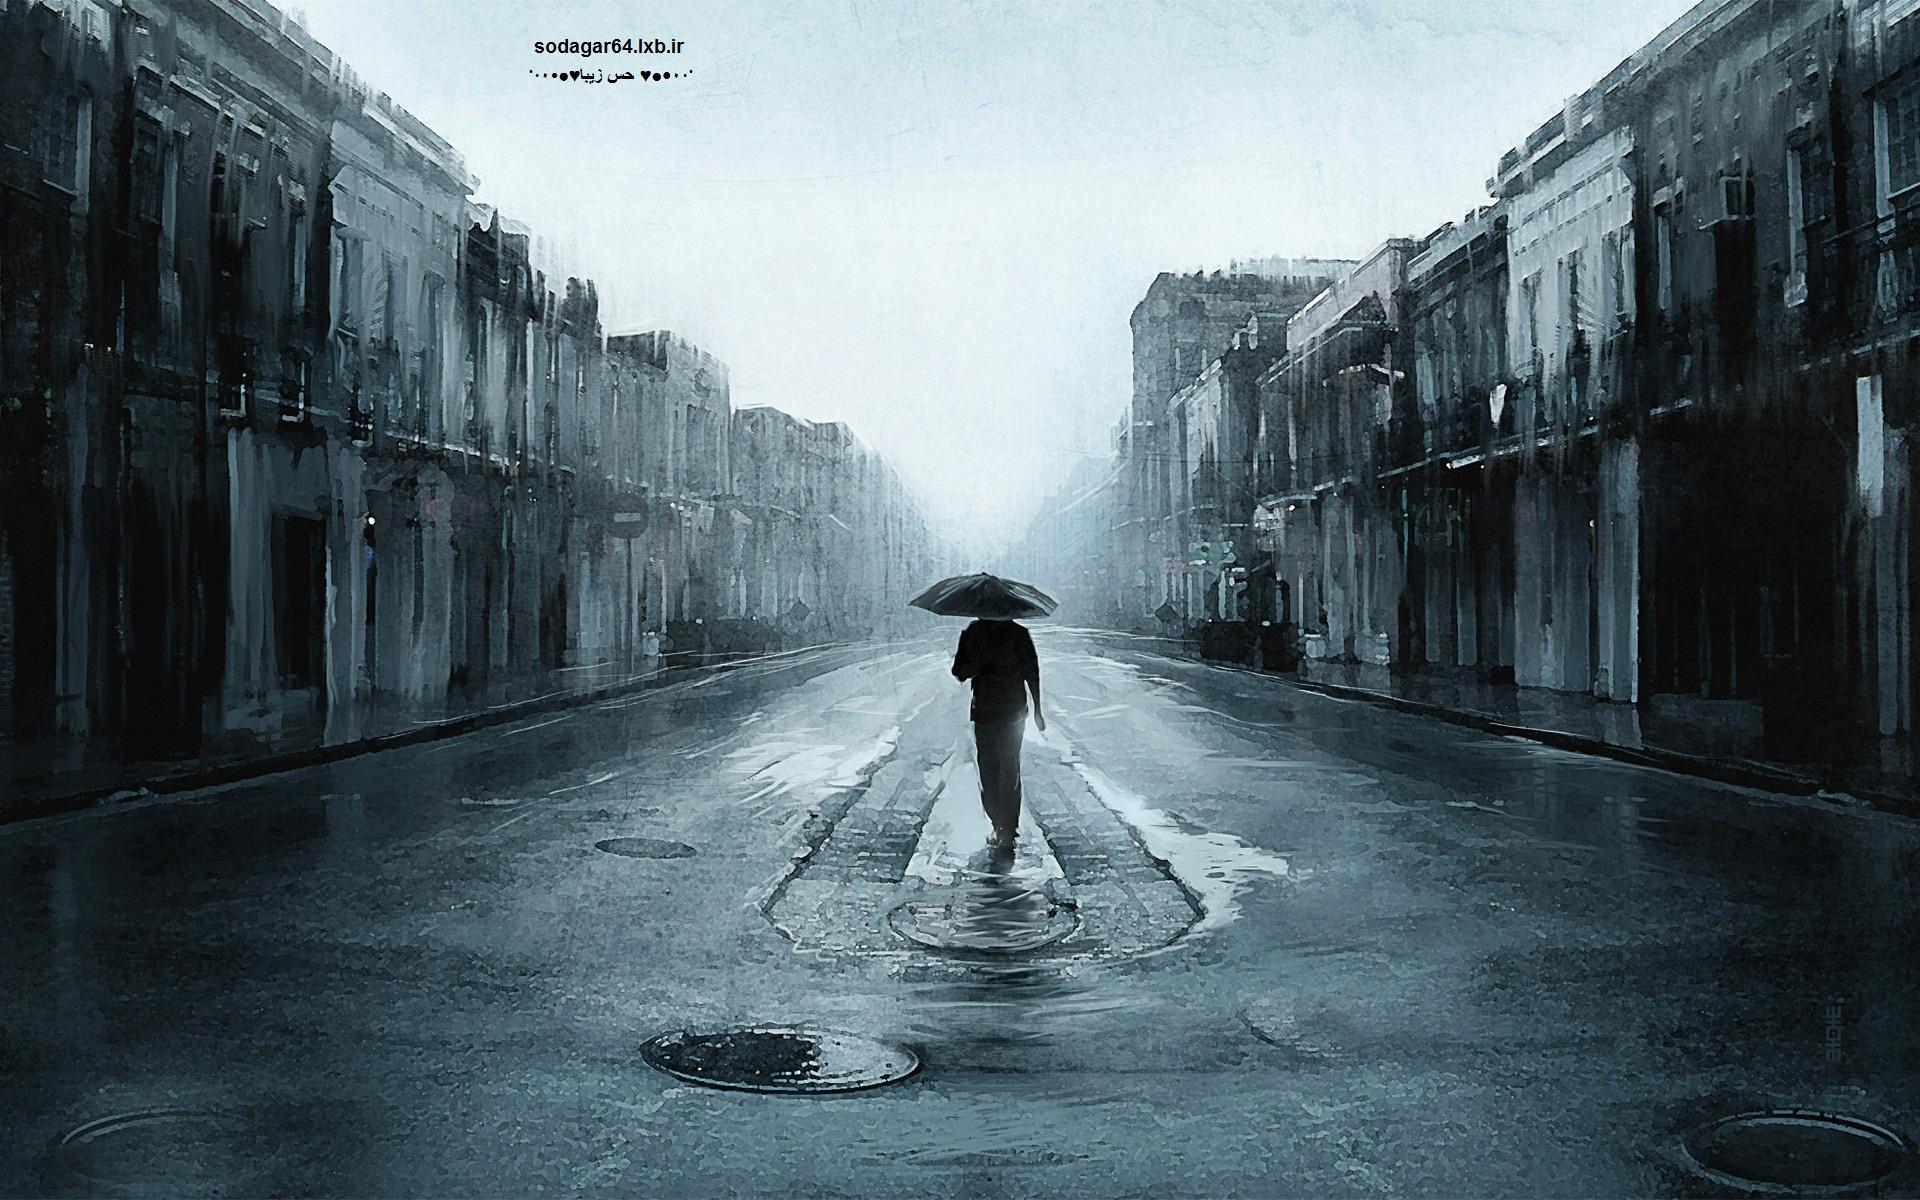 باران حس تنهایی.تنهایی.